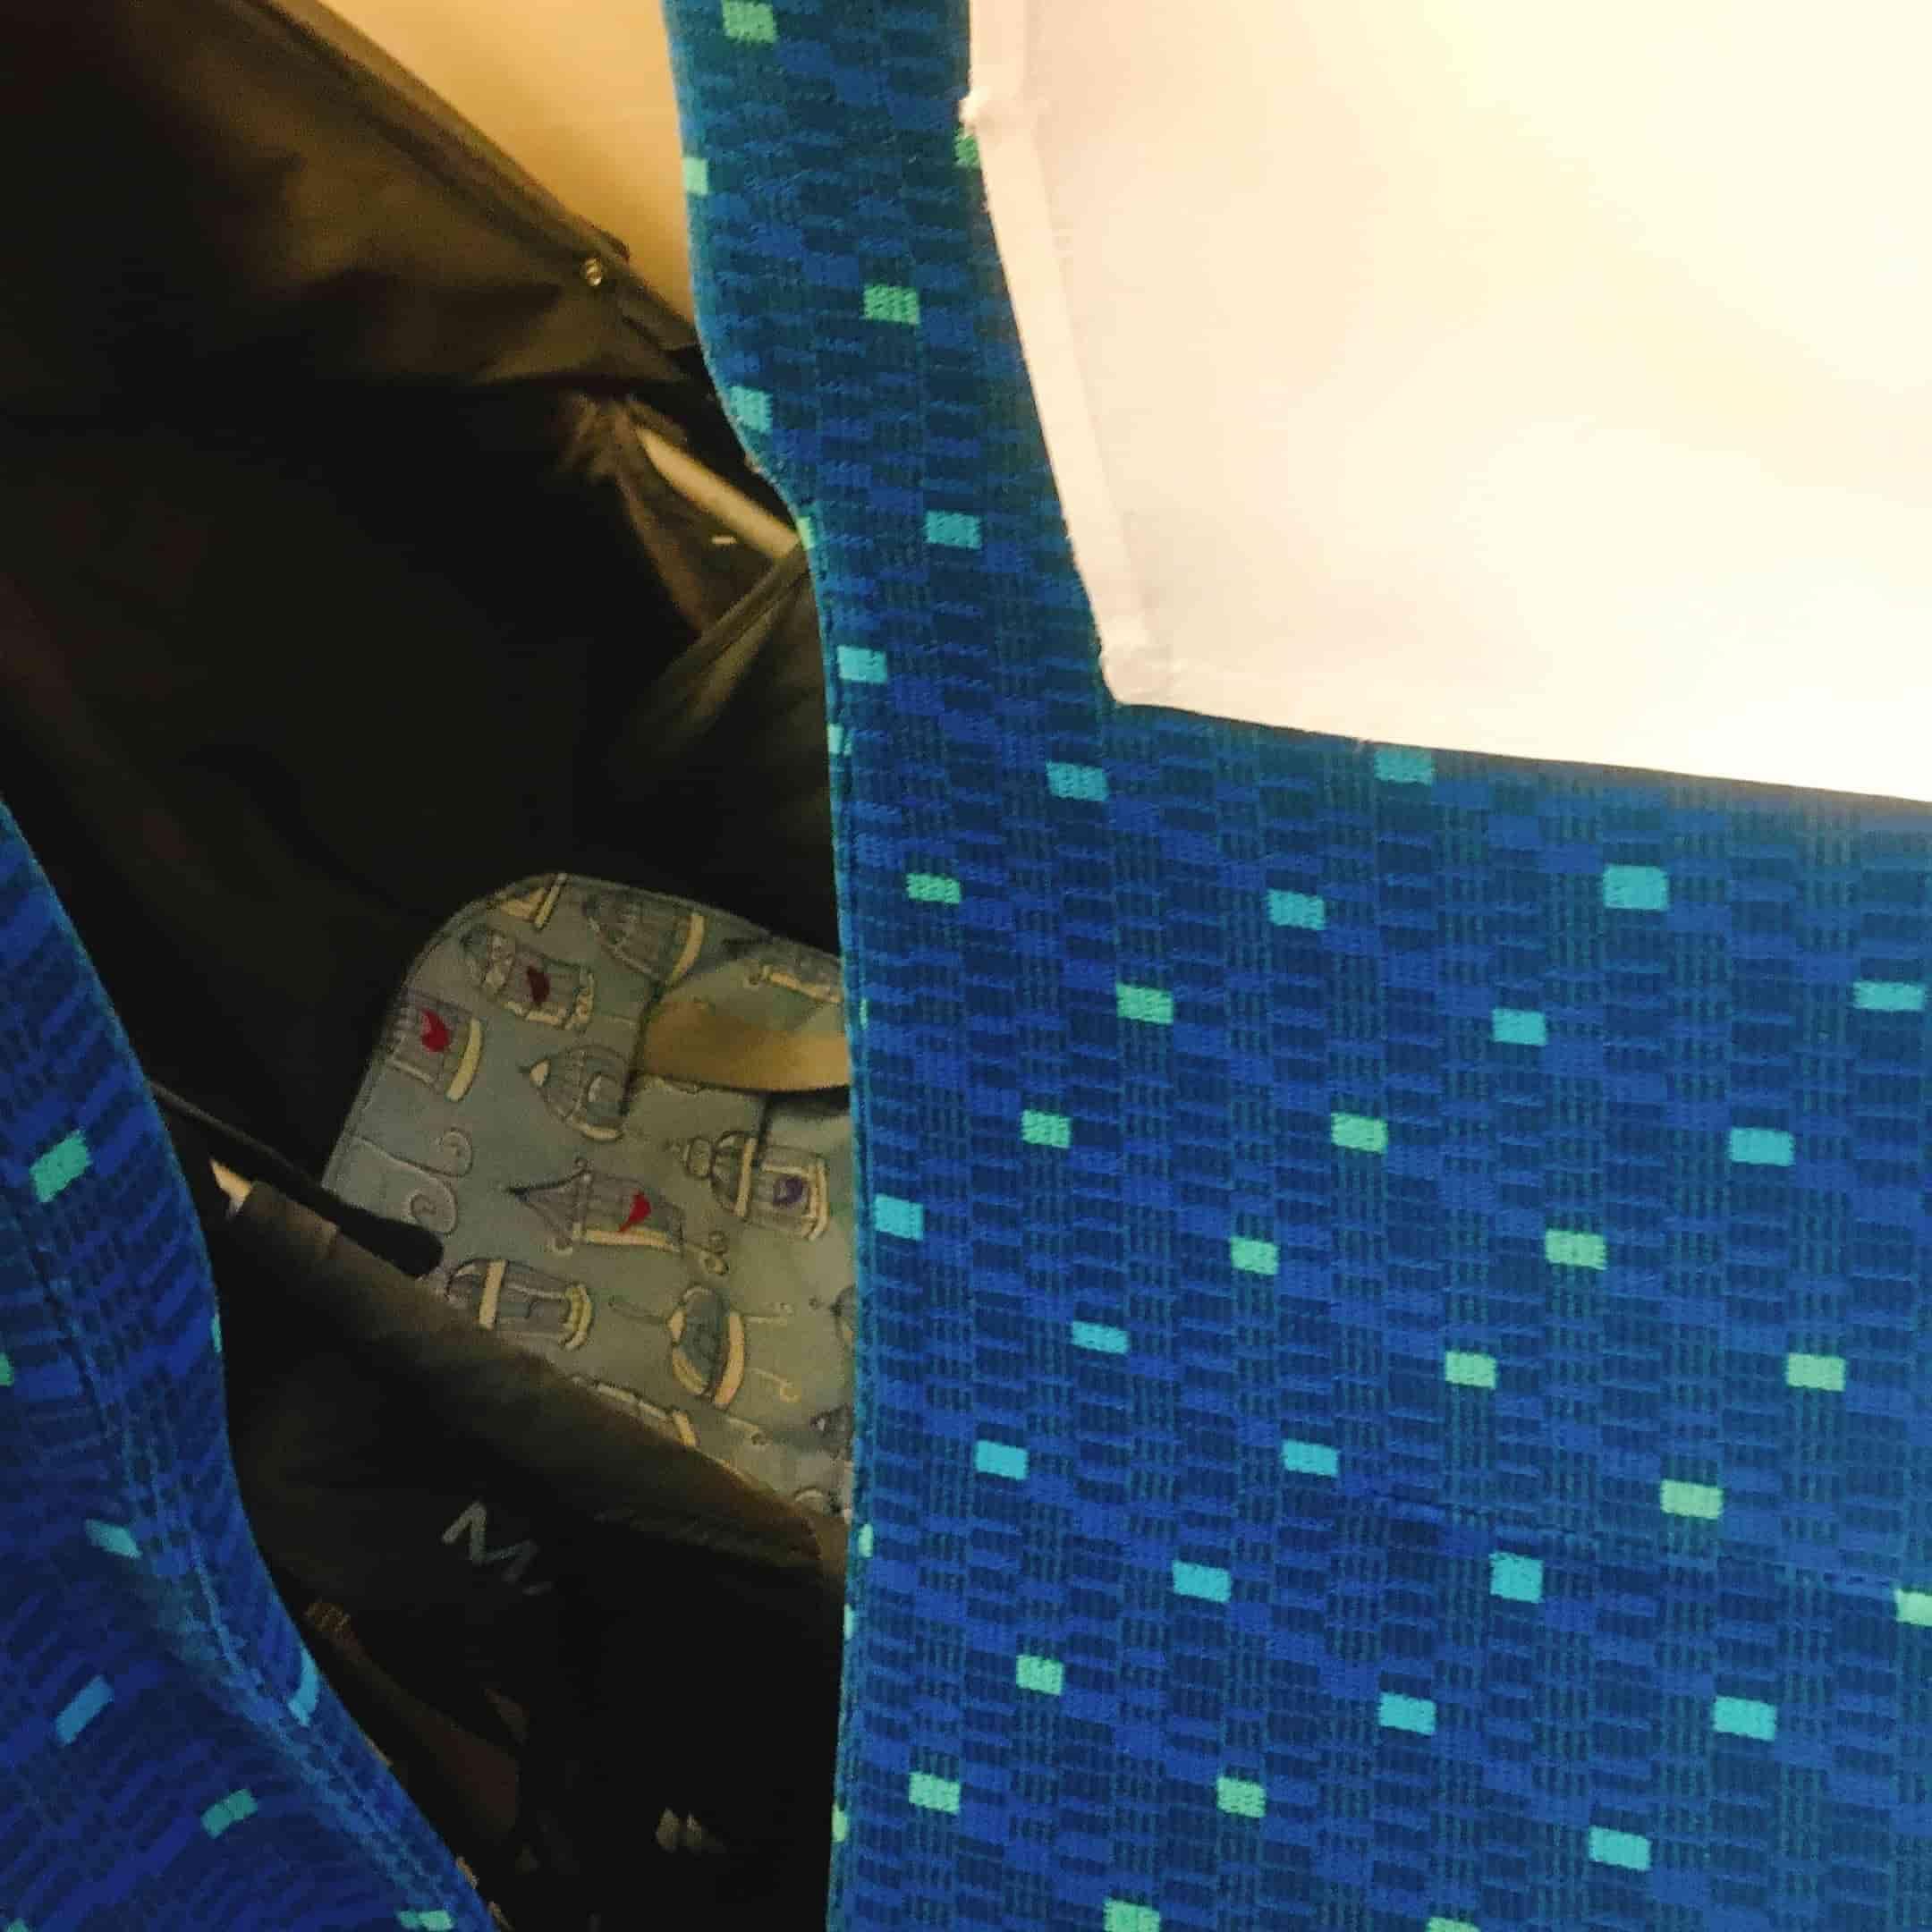 新幹線の座席からベビーカーを見た感じ